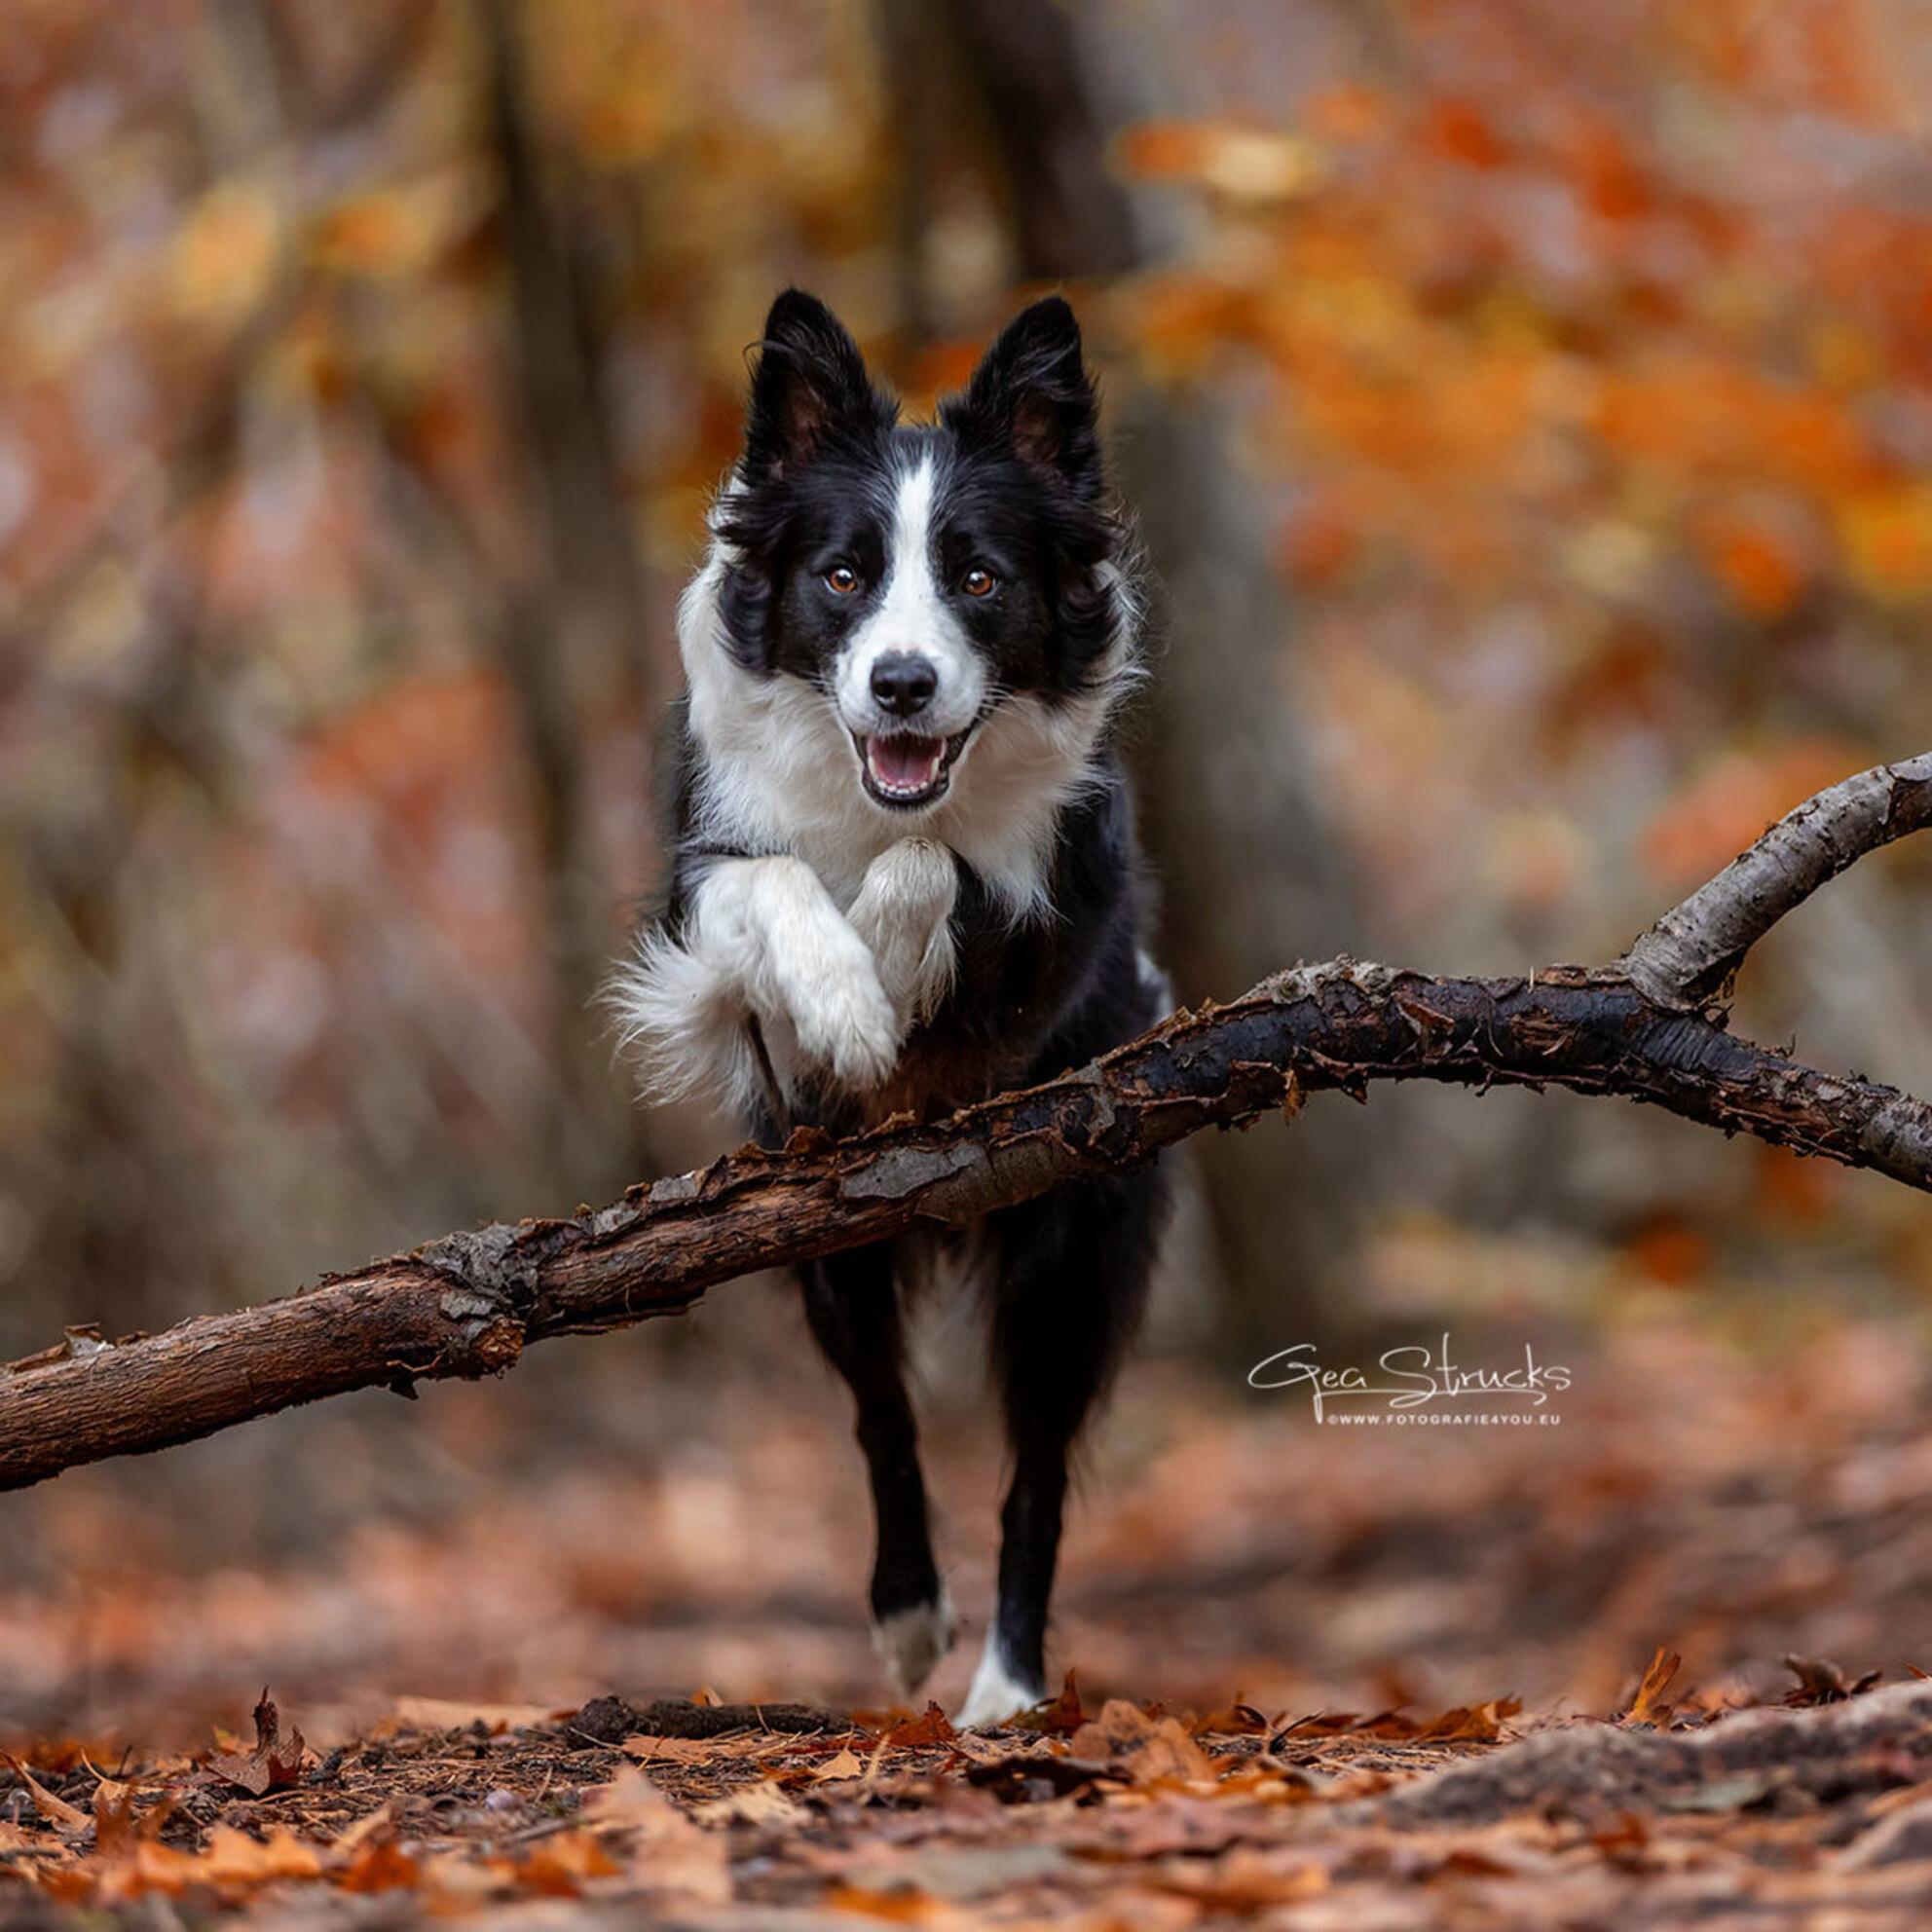 Autumn in the woods - Knappe border collie Jazz voor de lens voor actie fotografie. Mooie herfstkleuren maken het geheel wel af. - foto door madcorona op 10-01-2020 - deze foto bevat: hond, sprong, hondenfotografie, Border Collie, border collies, agillity - Deze foto mag gebruikt worden in een Zoom.nl publicatie